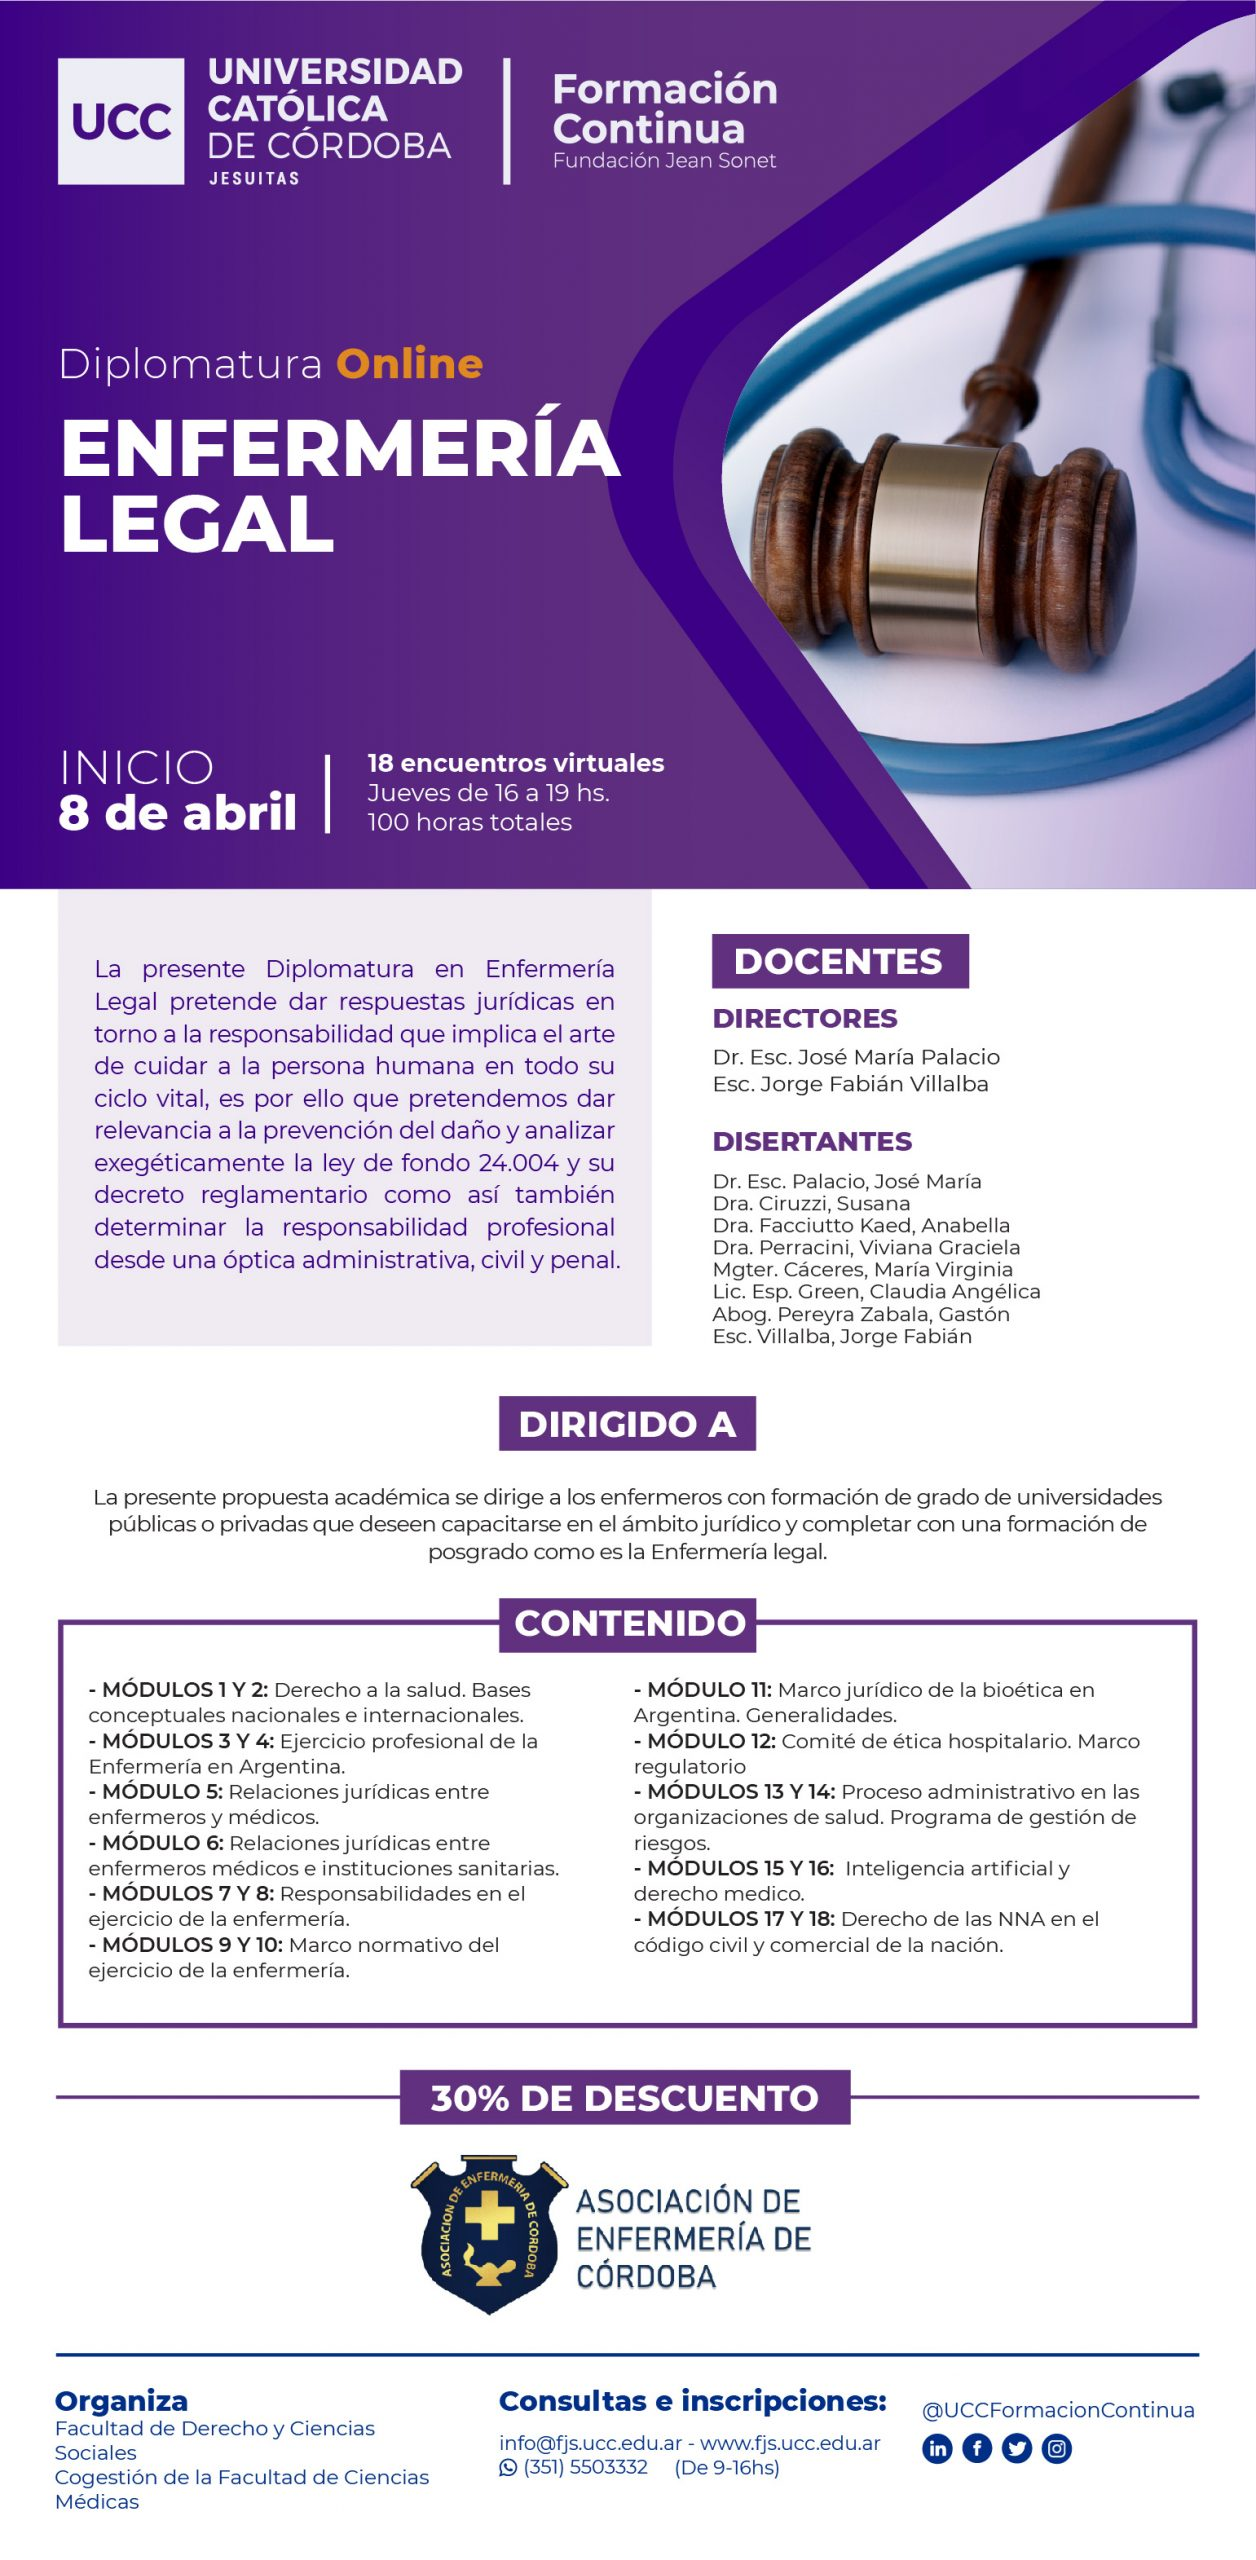 BENEFICIOS PARA NUESTROS/AS SOCIOS/AS